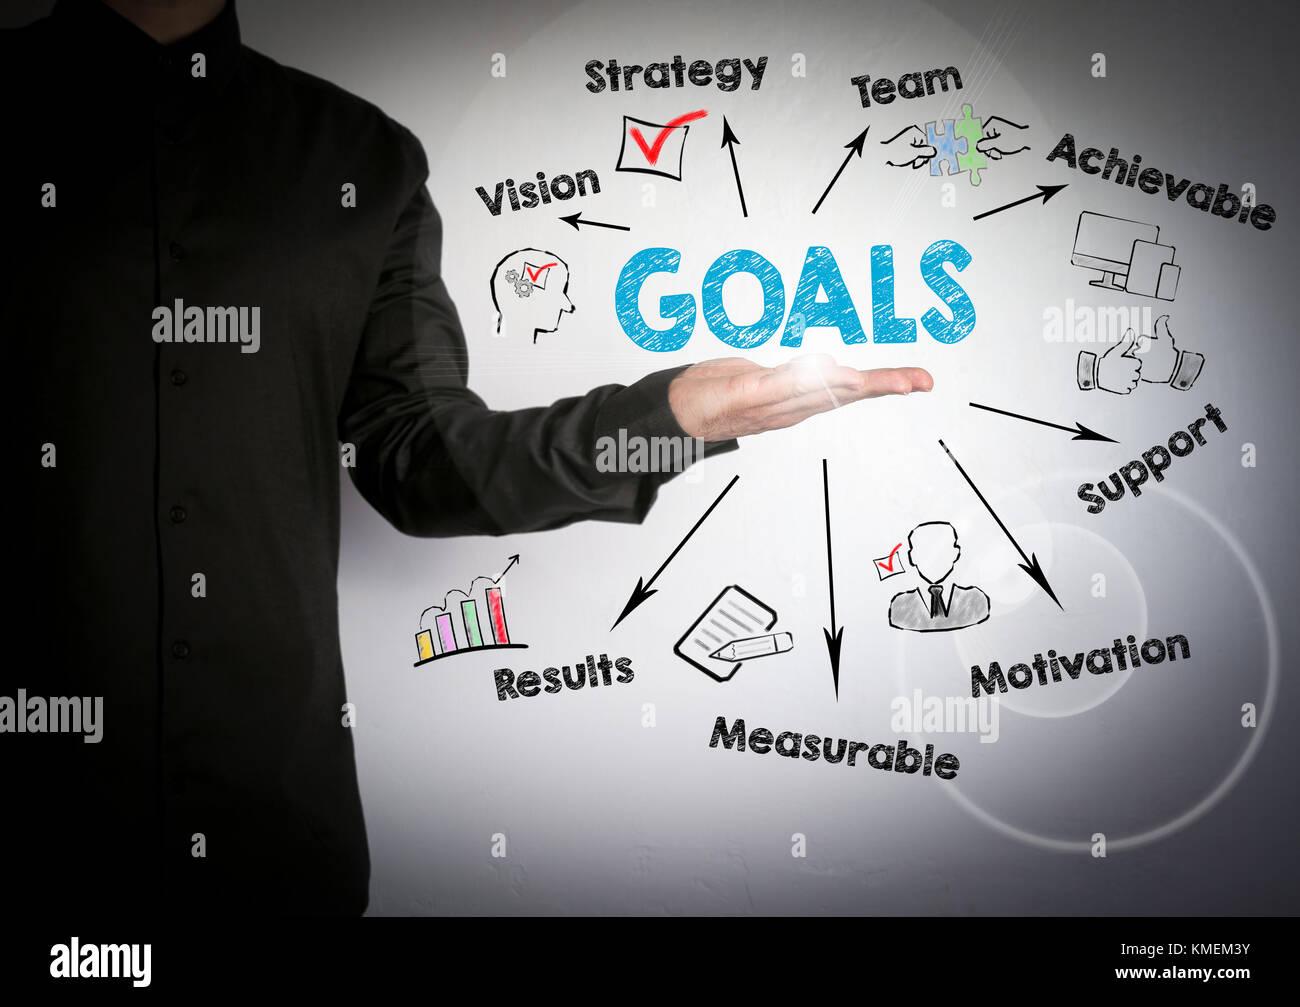 Il concetto di obiettivi. Grafico con le parole chiave e le icone. Imprenditore di successo a sfondo luminoso Immagini Stock